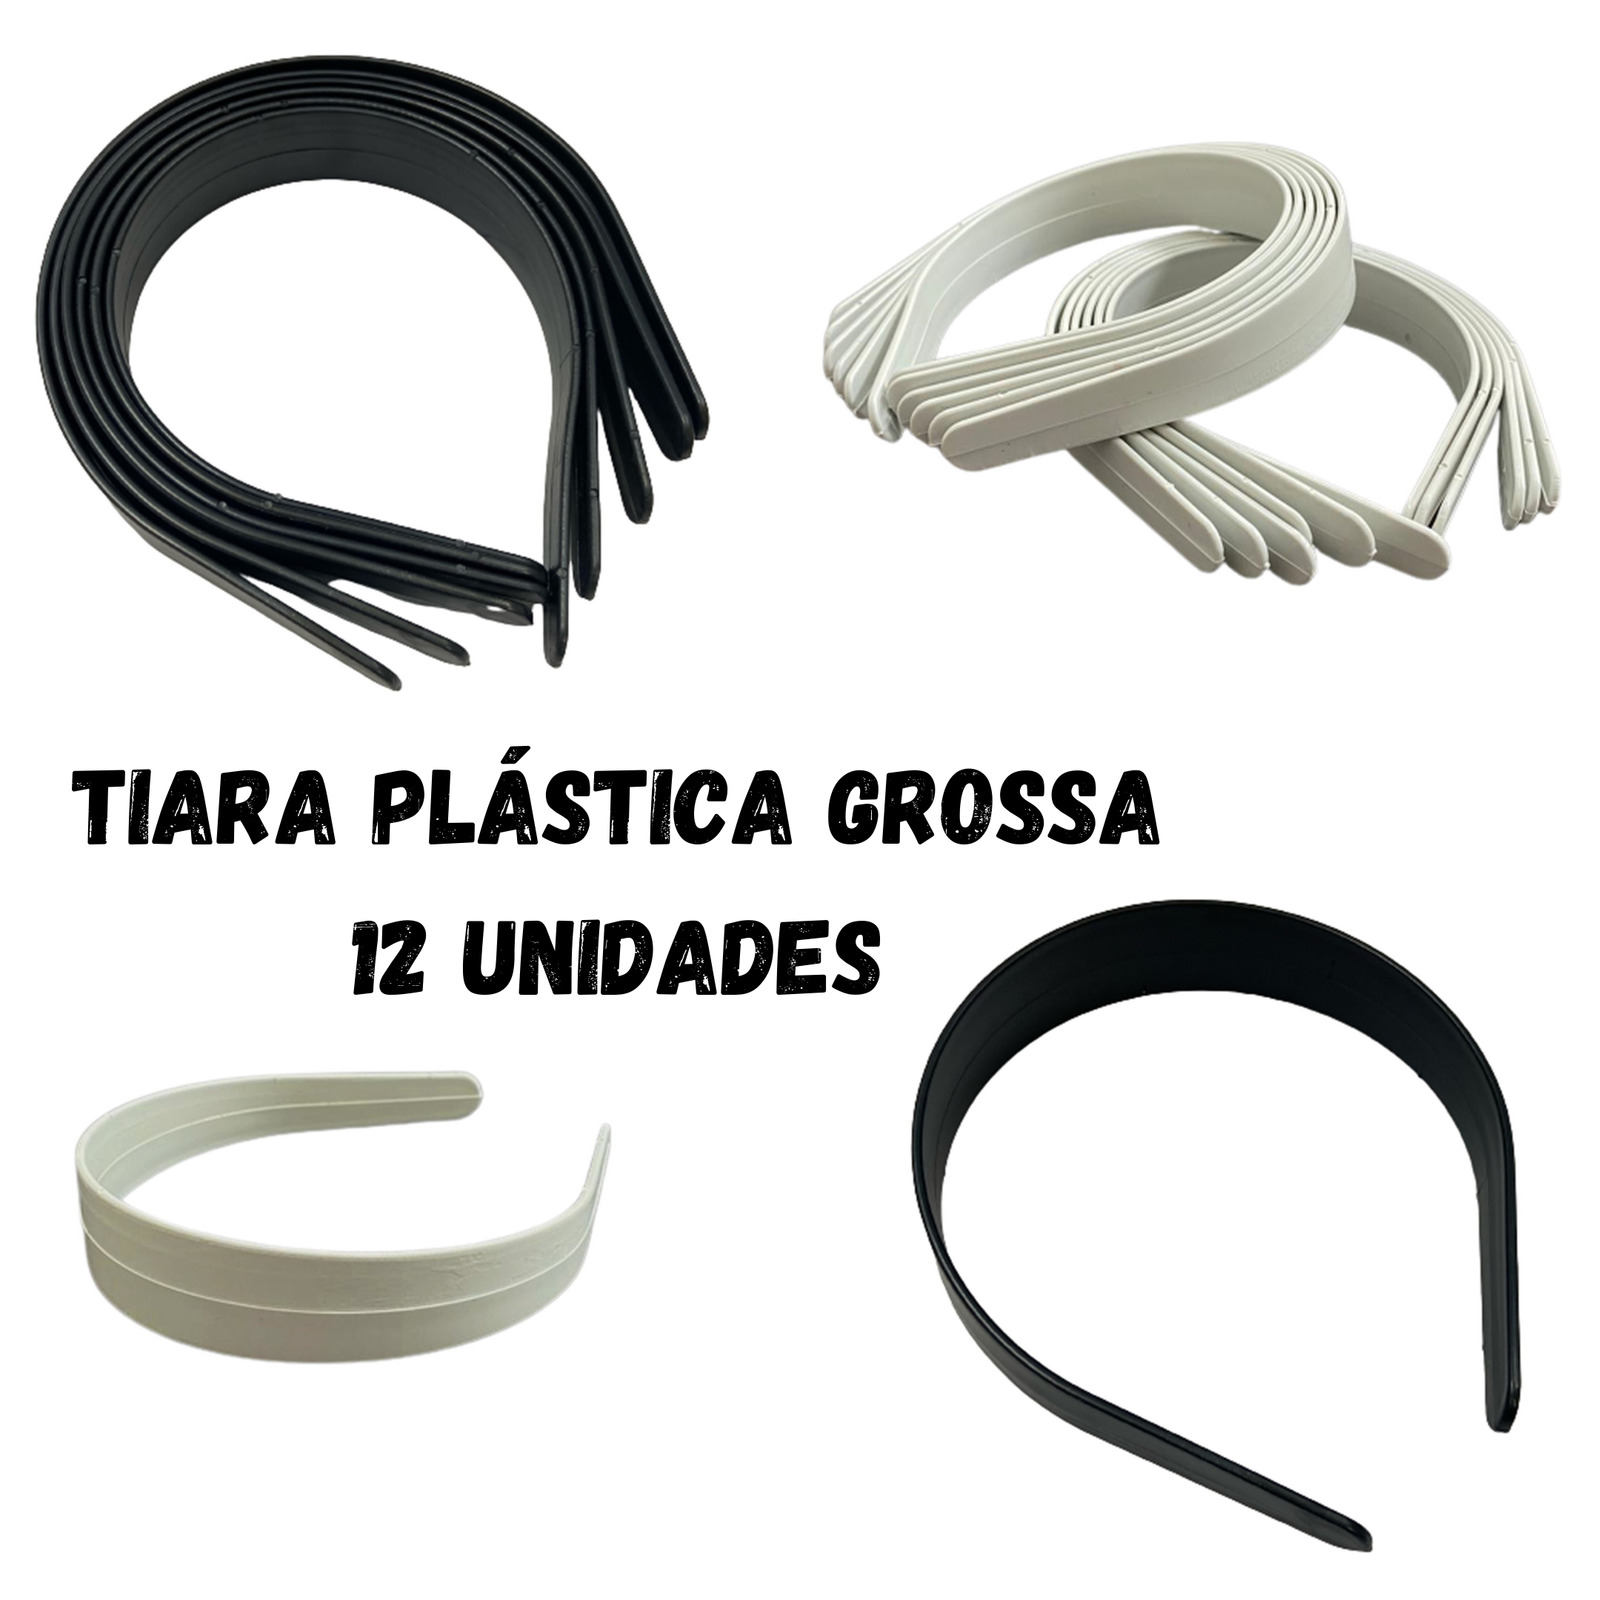 Tiara Plástica Grossa - 12 unidades